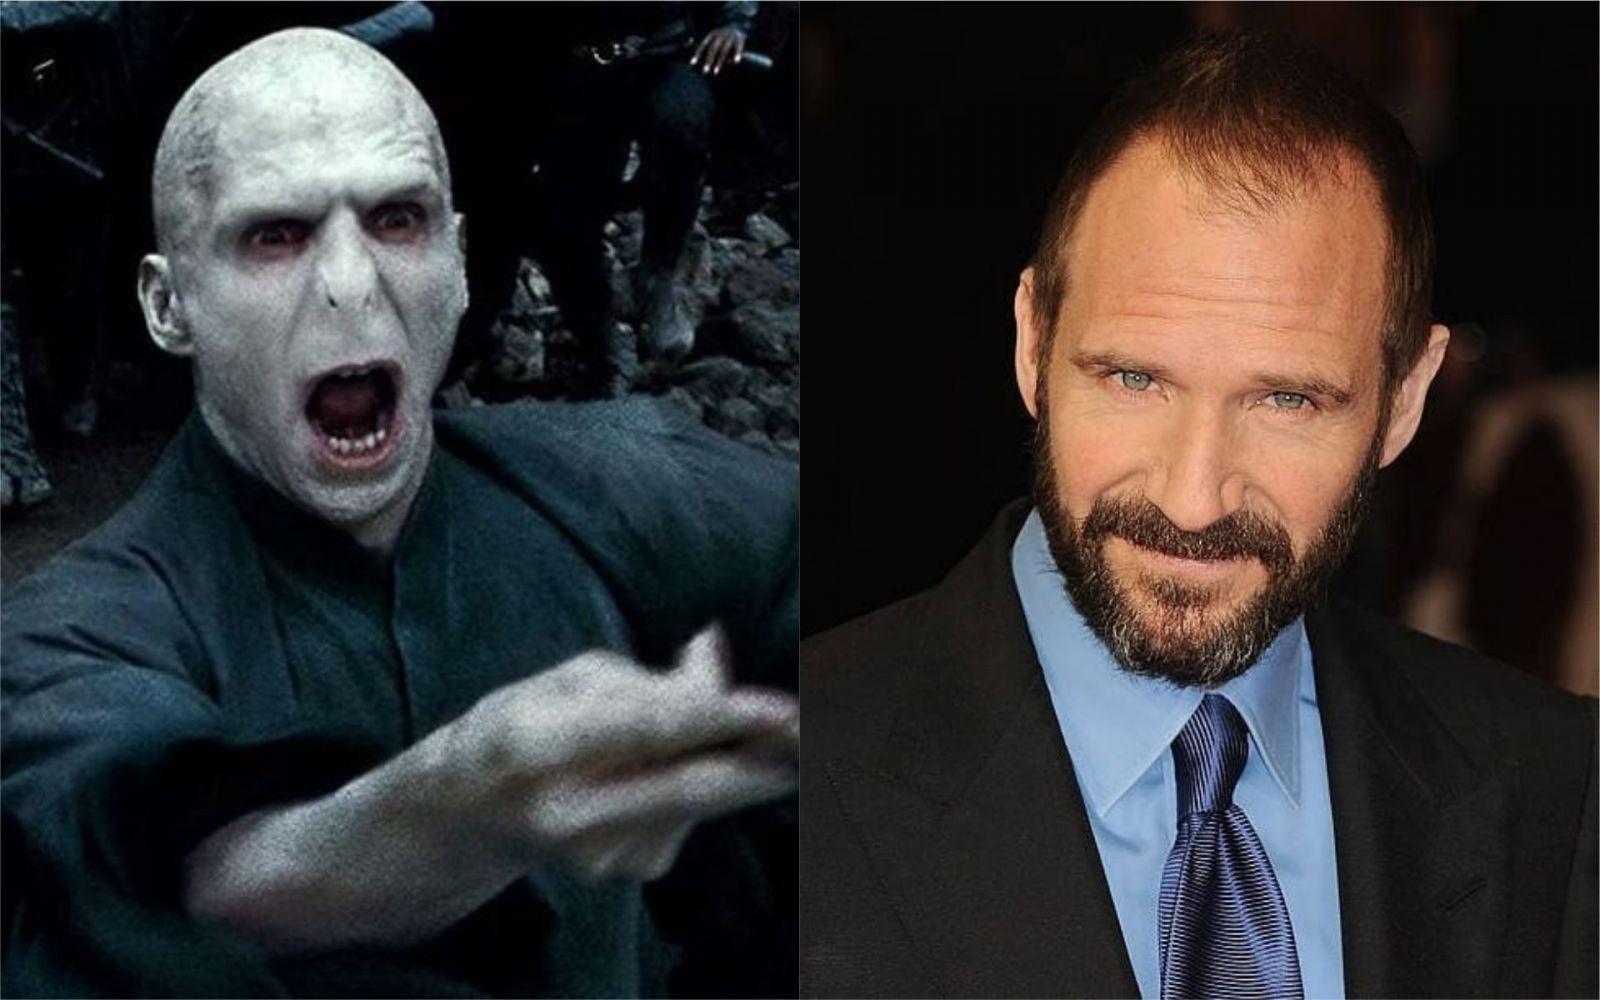 Voldemort/Ralph Fiennes